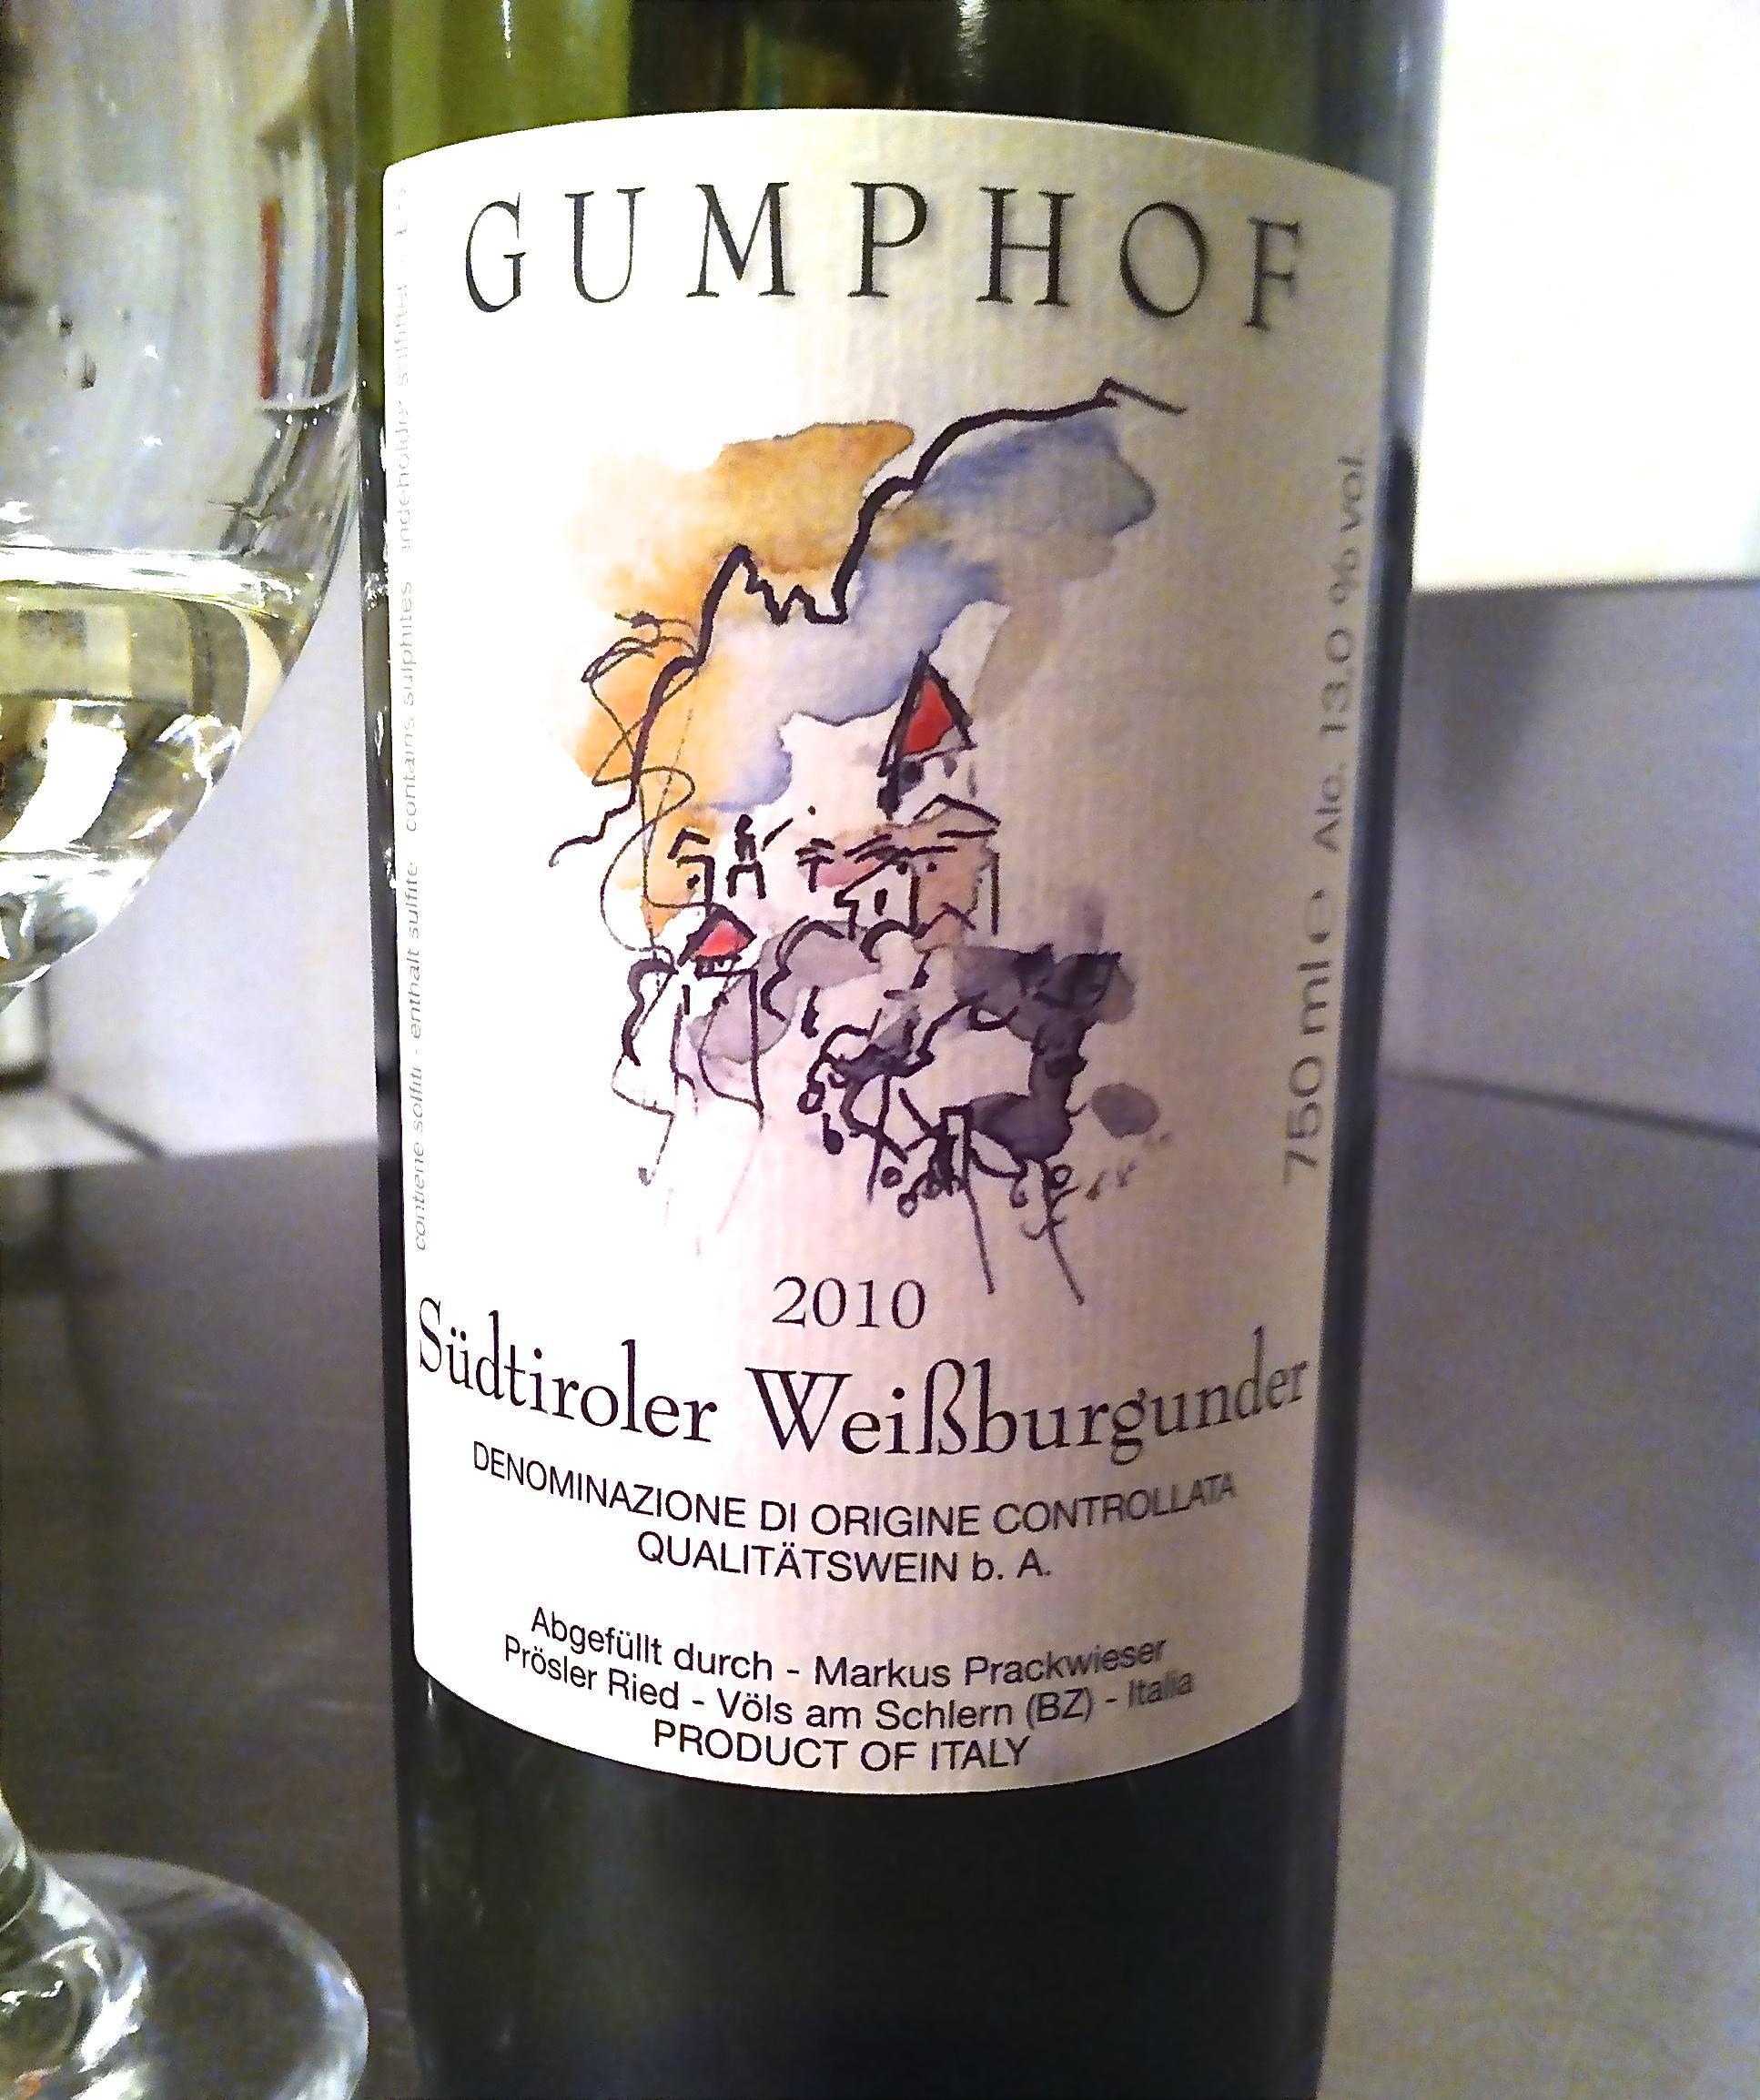 2010 Gumphof Weissburgunder